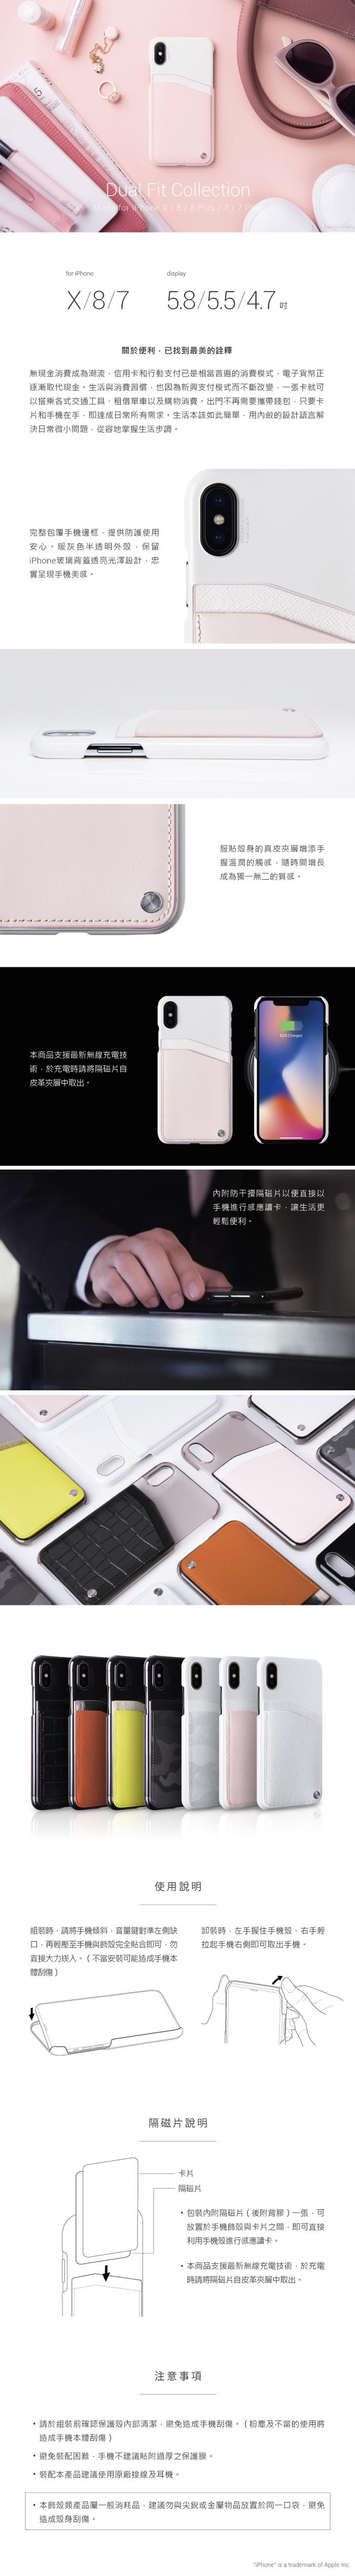 PEGACASA iPhone 8 /7 Plus 手機殼-經典系列